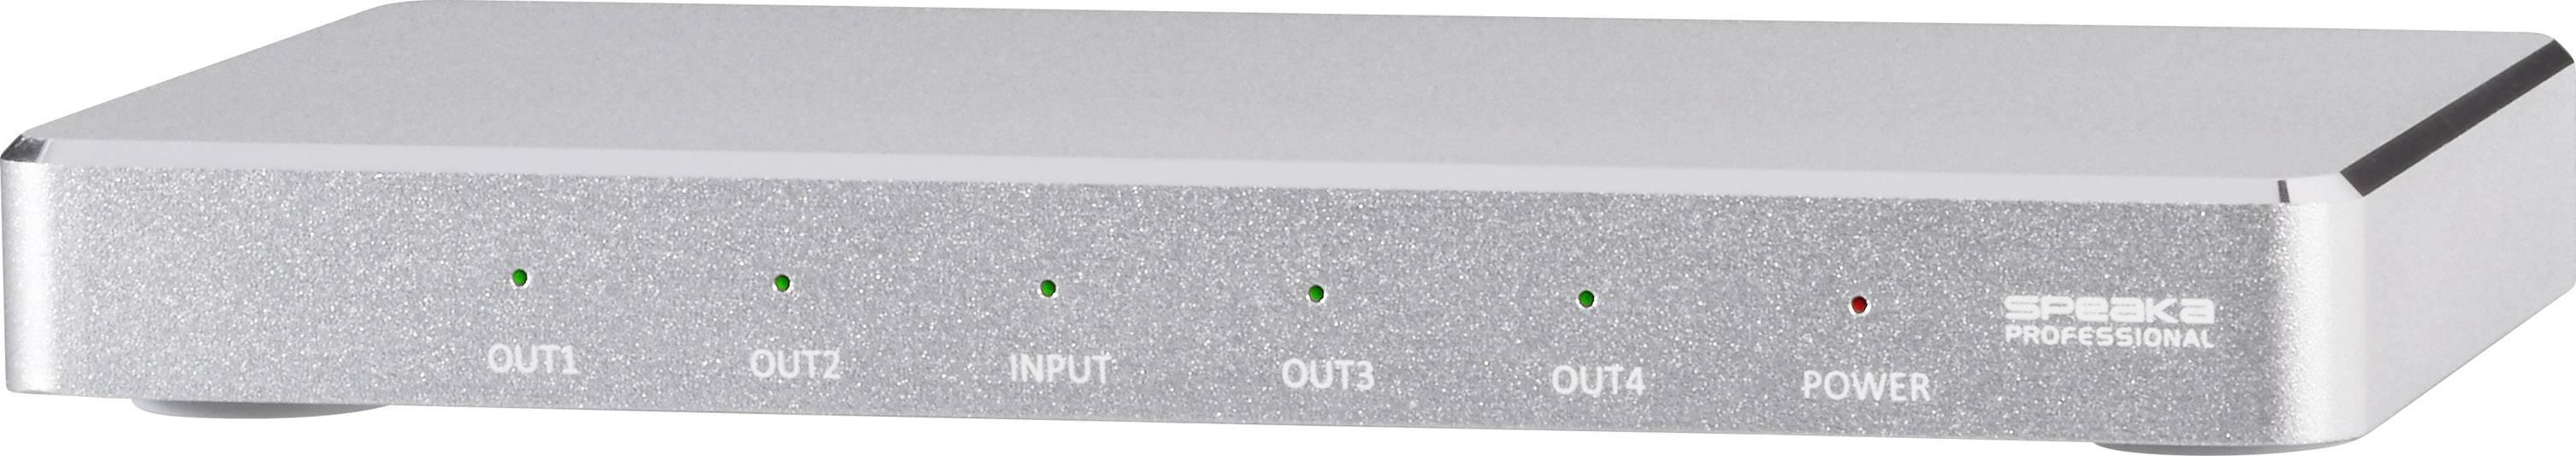 HDMI rozbočovač SpeaKa Professional s hliníkovým krytem, UHD N/A, 4 porty